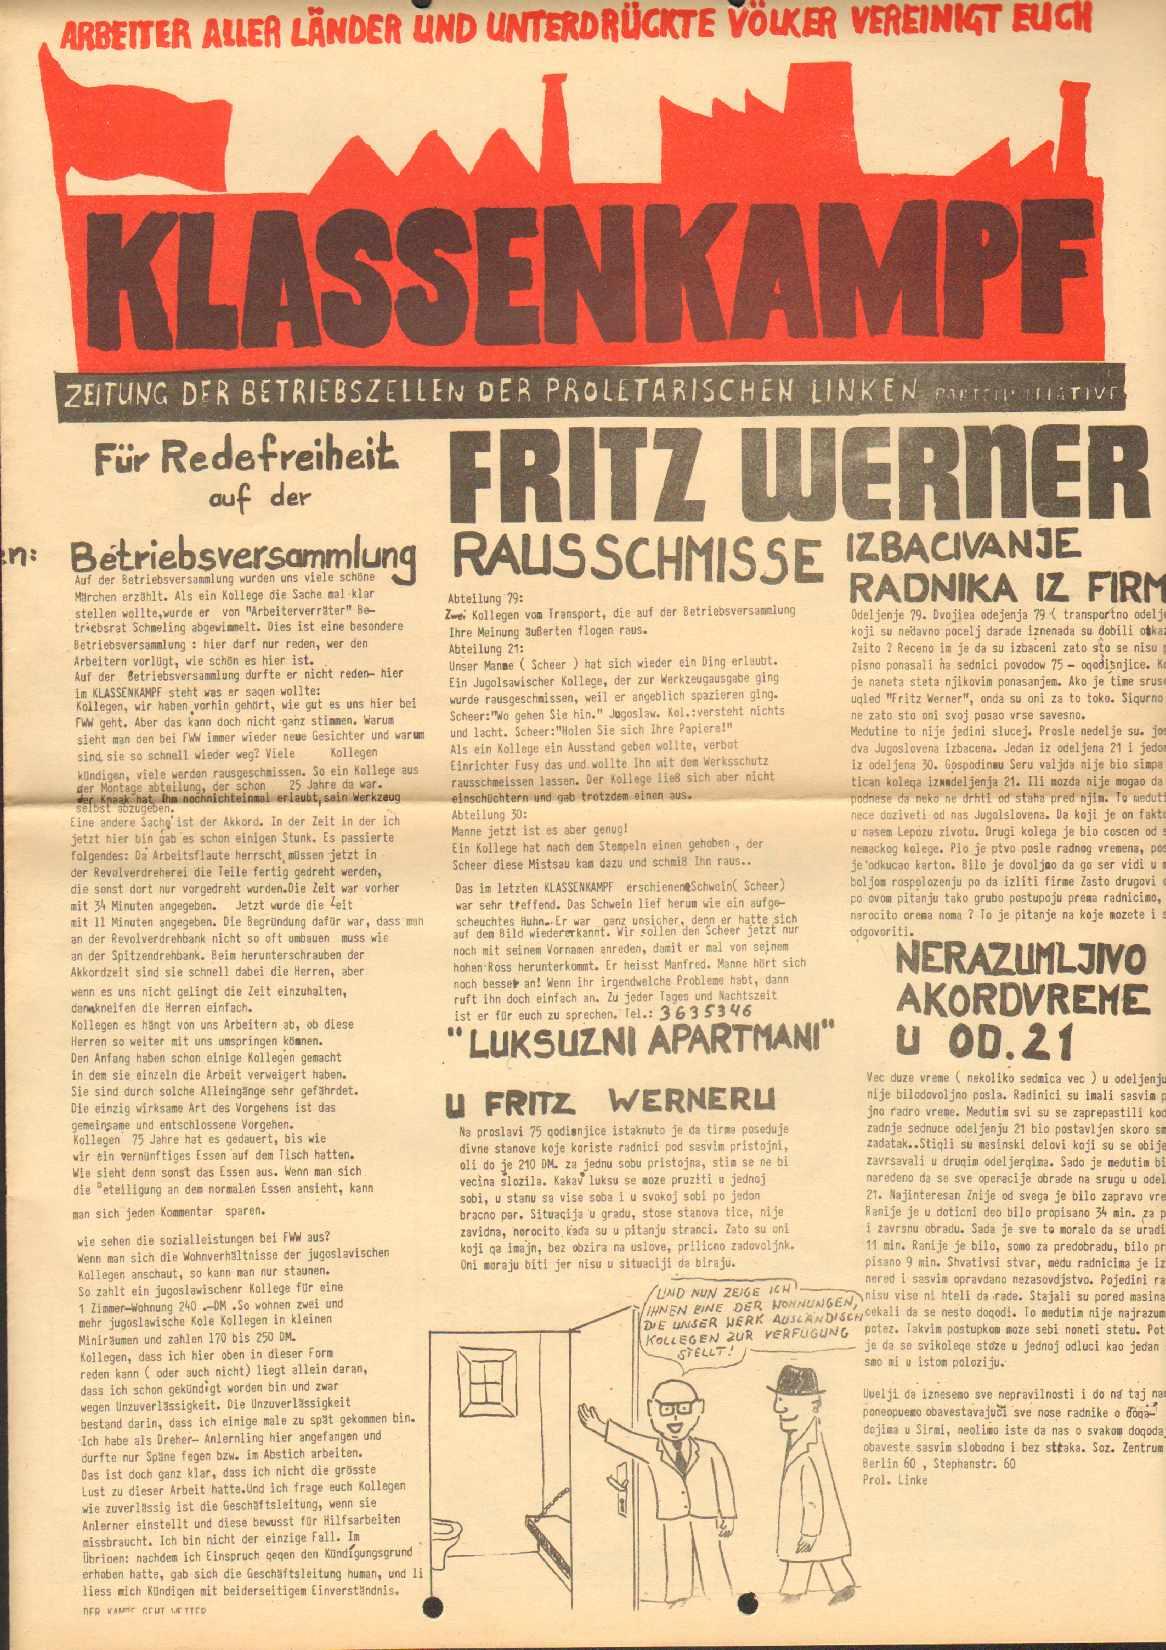 Berlin_Fritz_Werner003